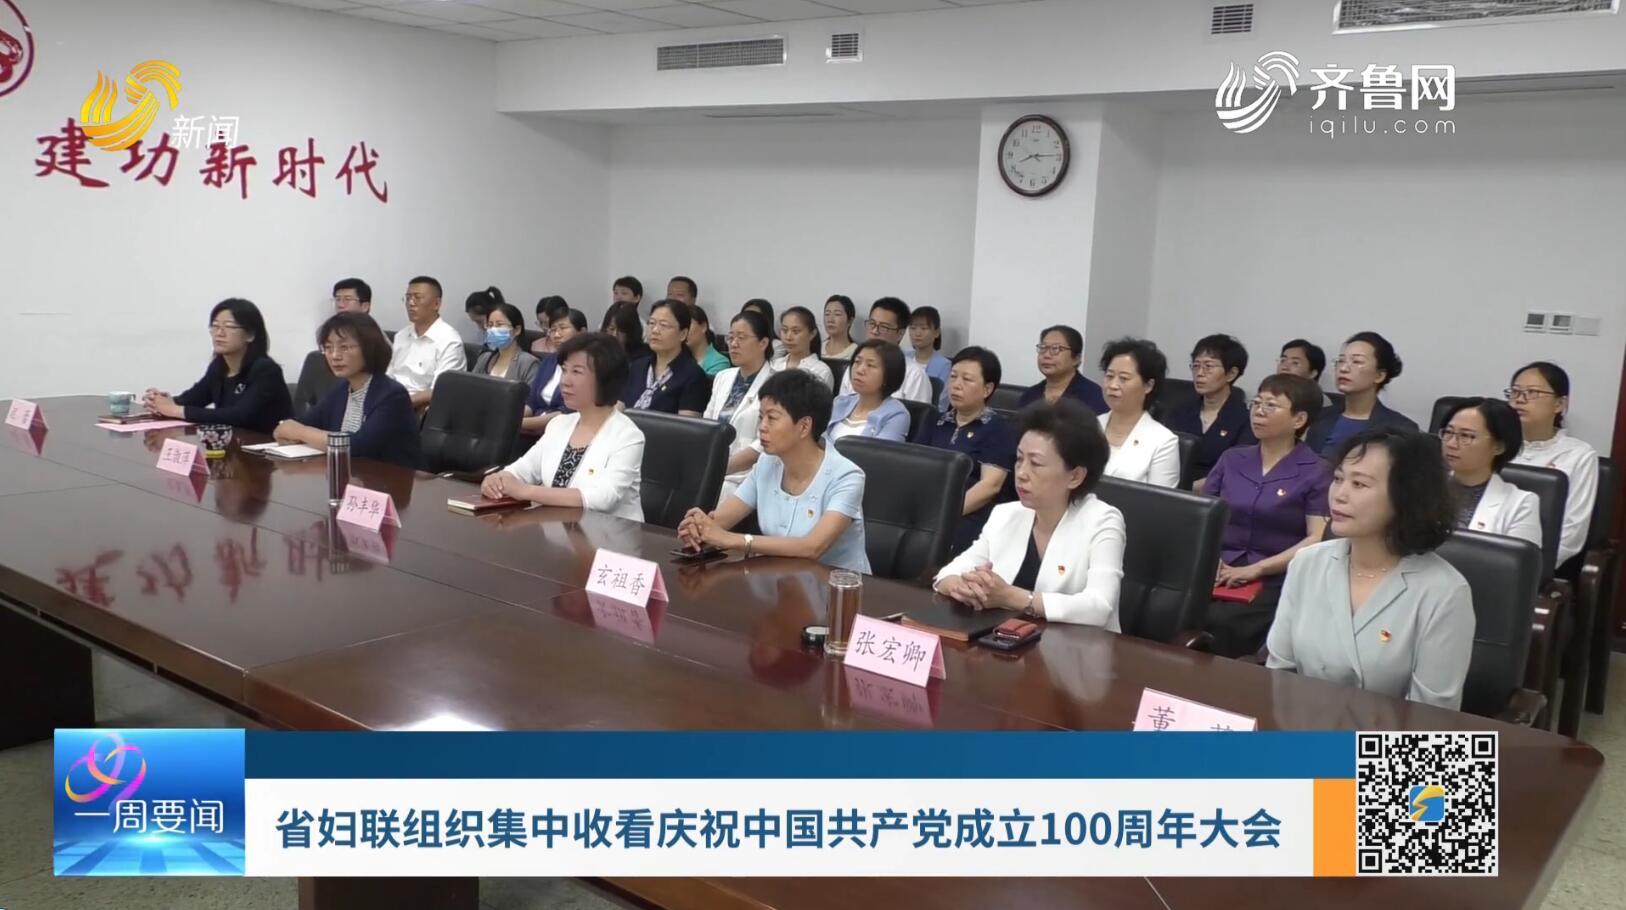 省婦聯組織集中收看慶祝中國共產黨成立100周年大會